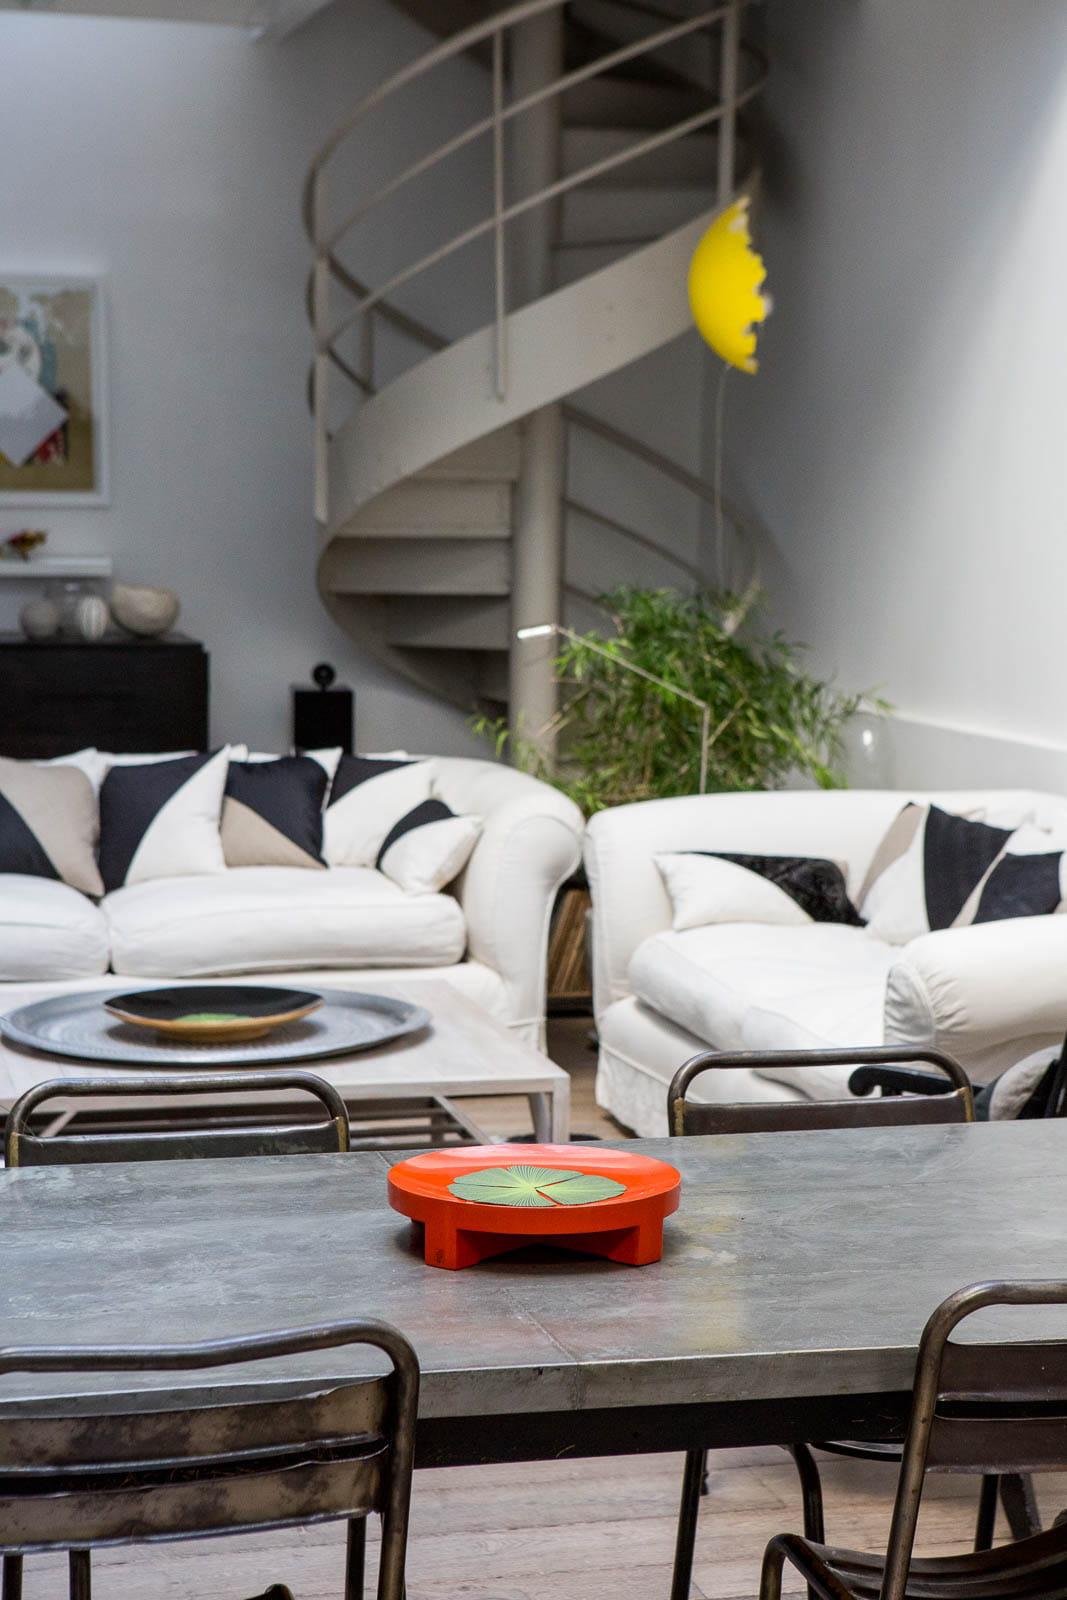 escalier vis un appart 39 en souplex baign de lumi re journal des femmes. Black Bedroom Furniture Sets. Home Design Ideas